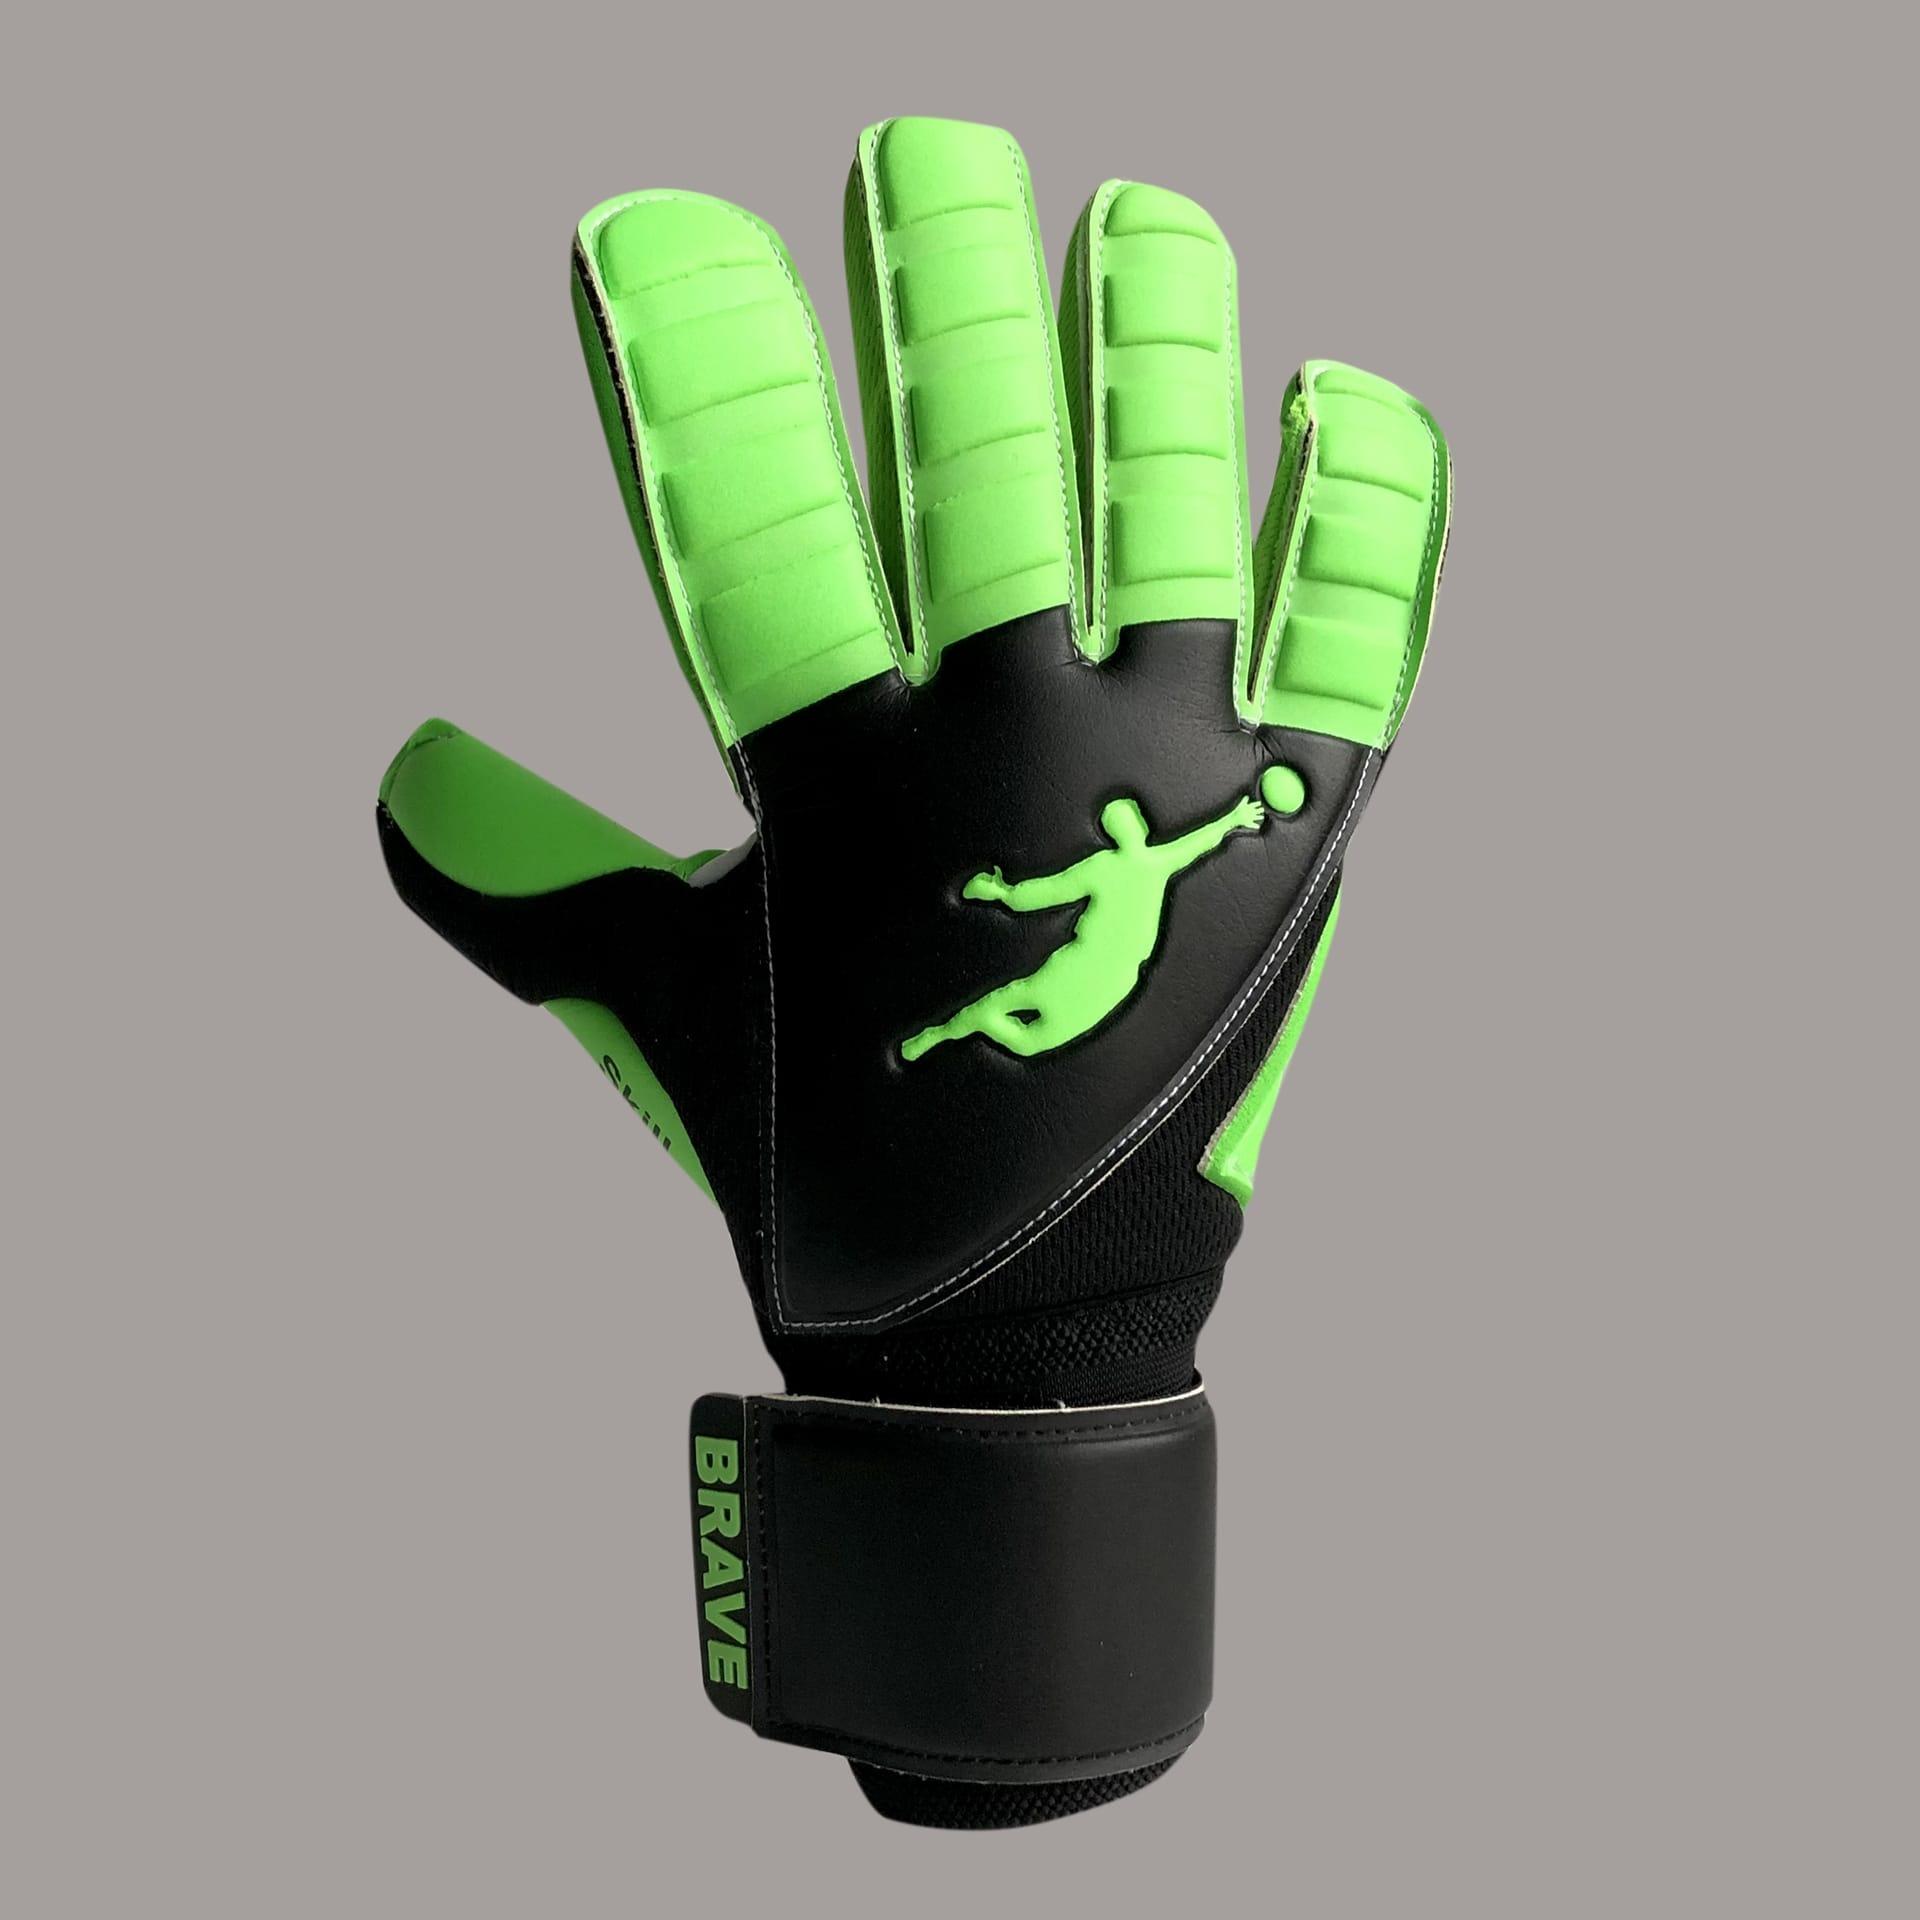 Goalkeeper gloves Brave GK Skill-official online store Brave GK